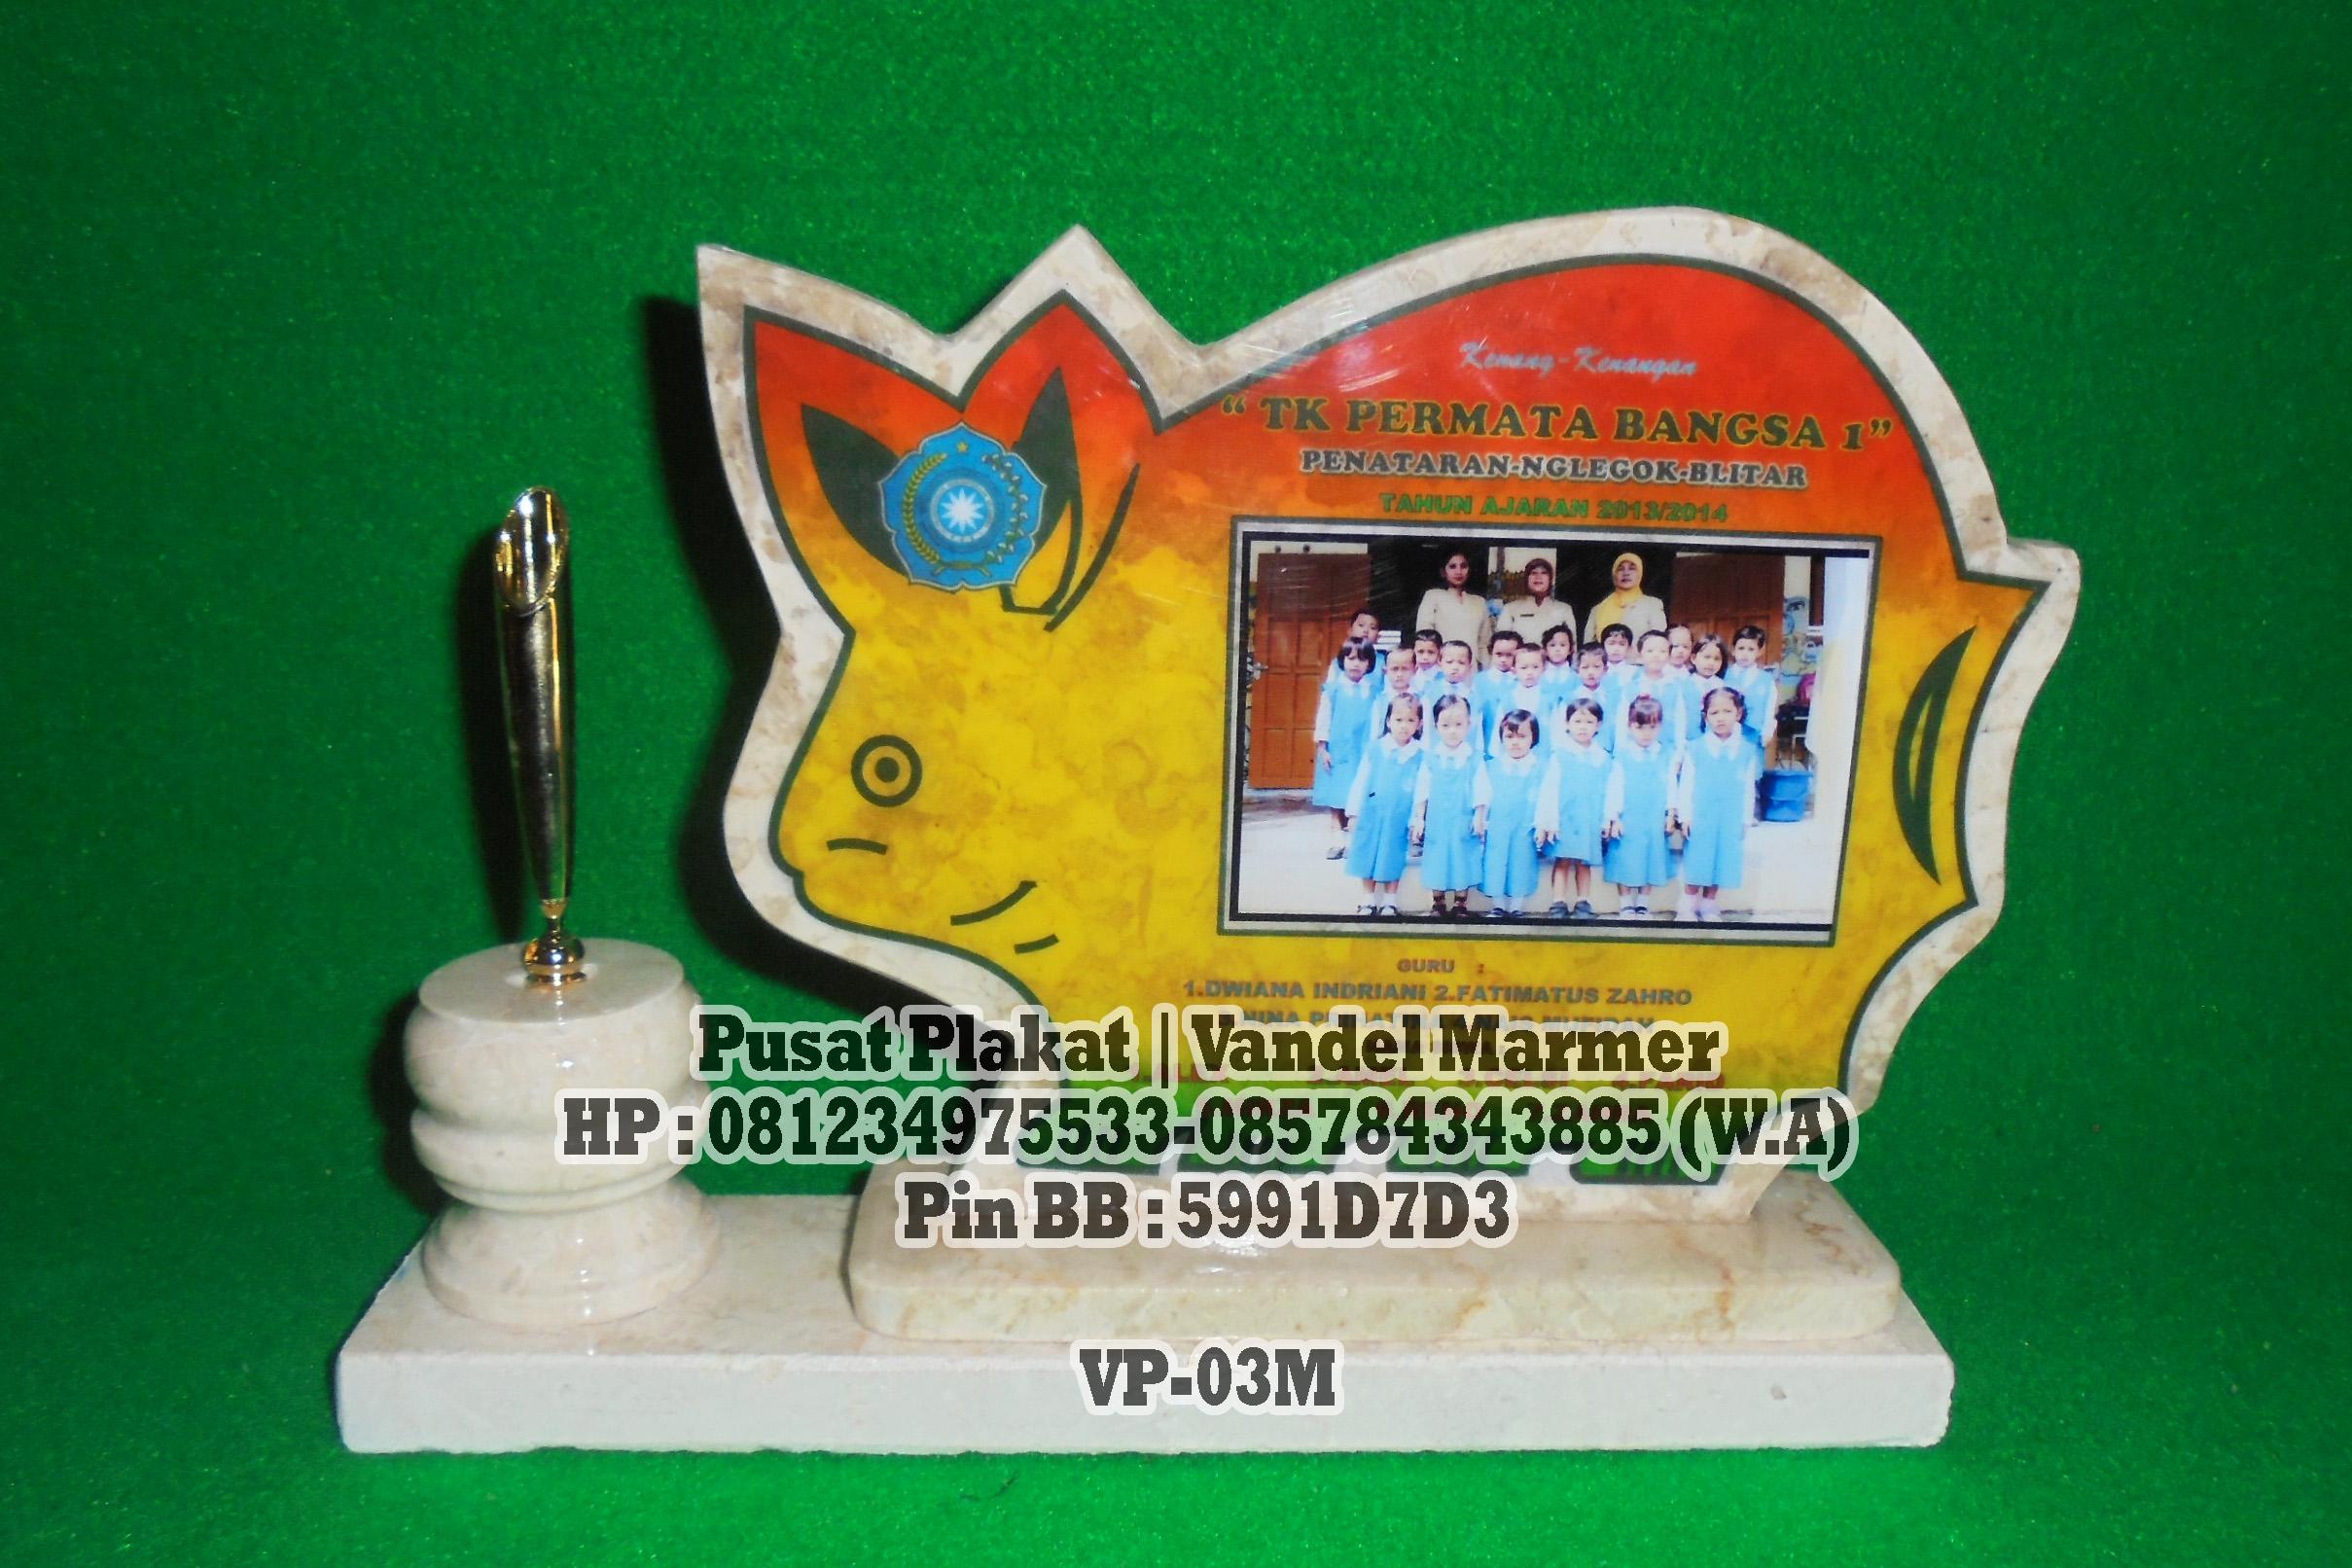 Vandel Marmer Tulungagung